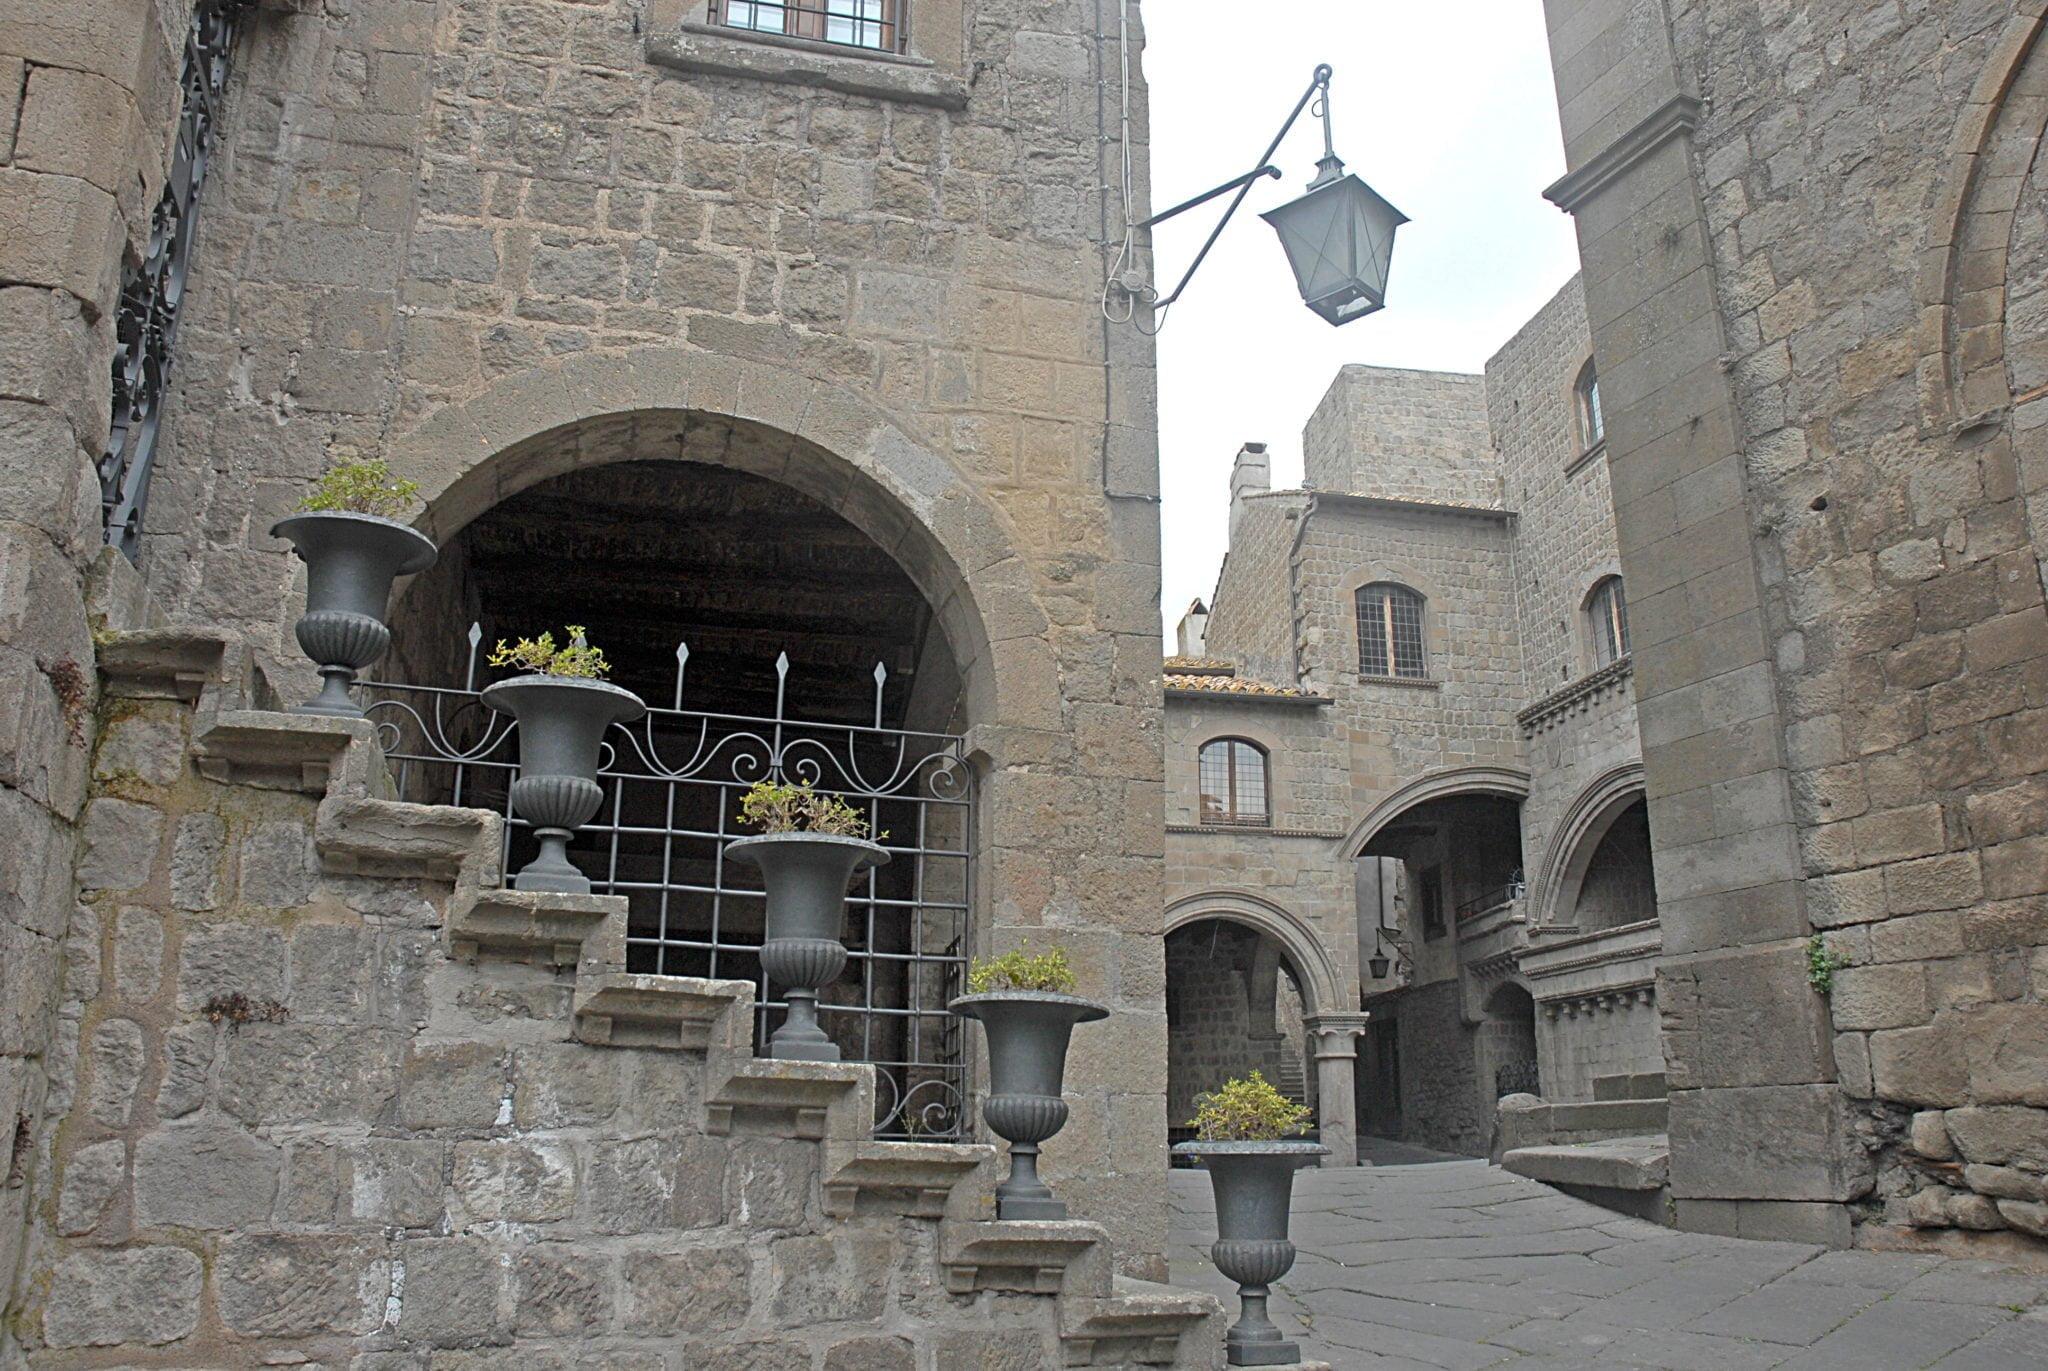 Le quartier San Pellegrino à Viterbe. La ville comptait au XIIIe siècle 60 000 habitants, soit plus que Rome, et autant qu'aujourd'hui.